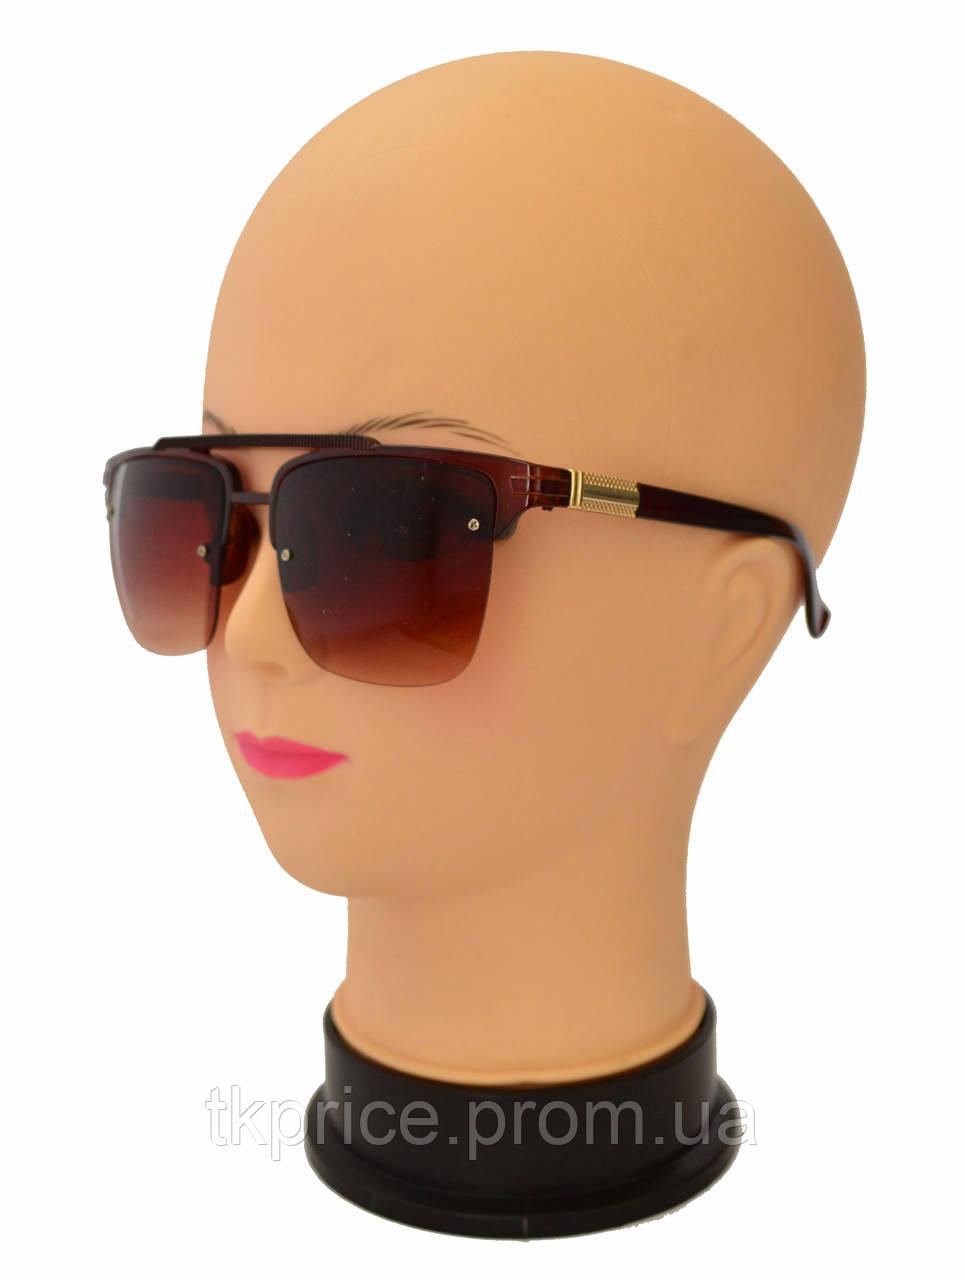 Мужские солнцезащитные очки 6076